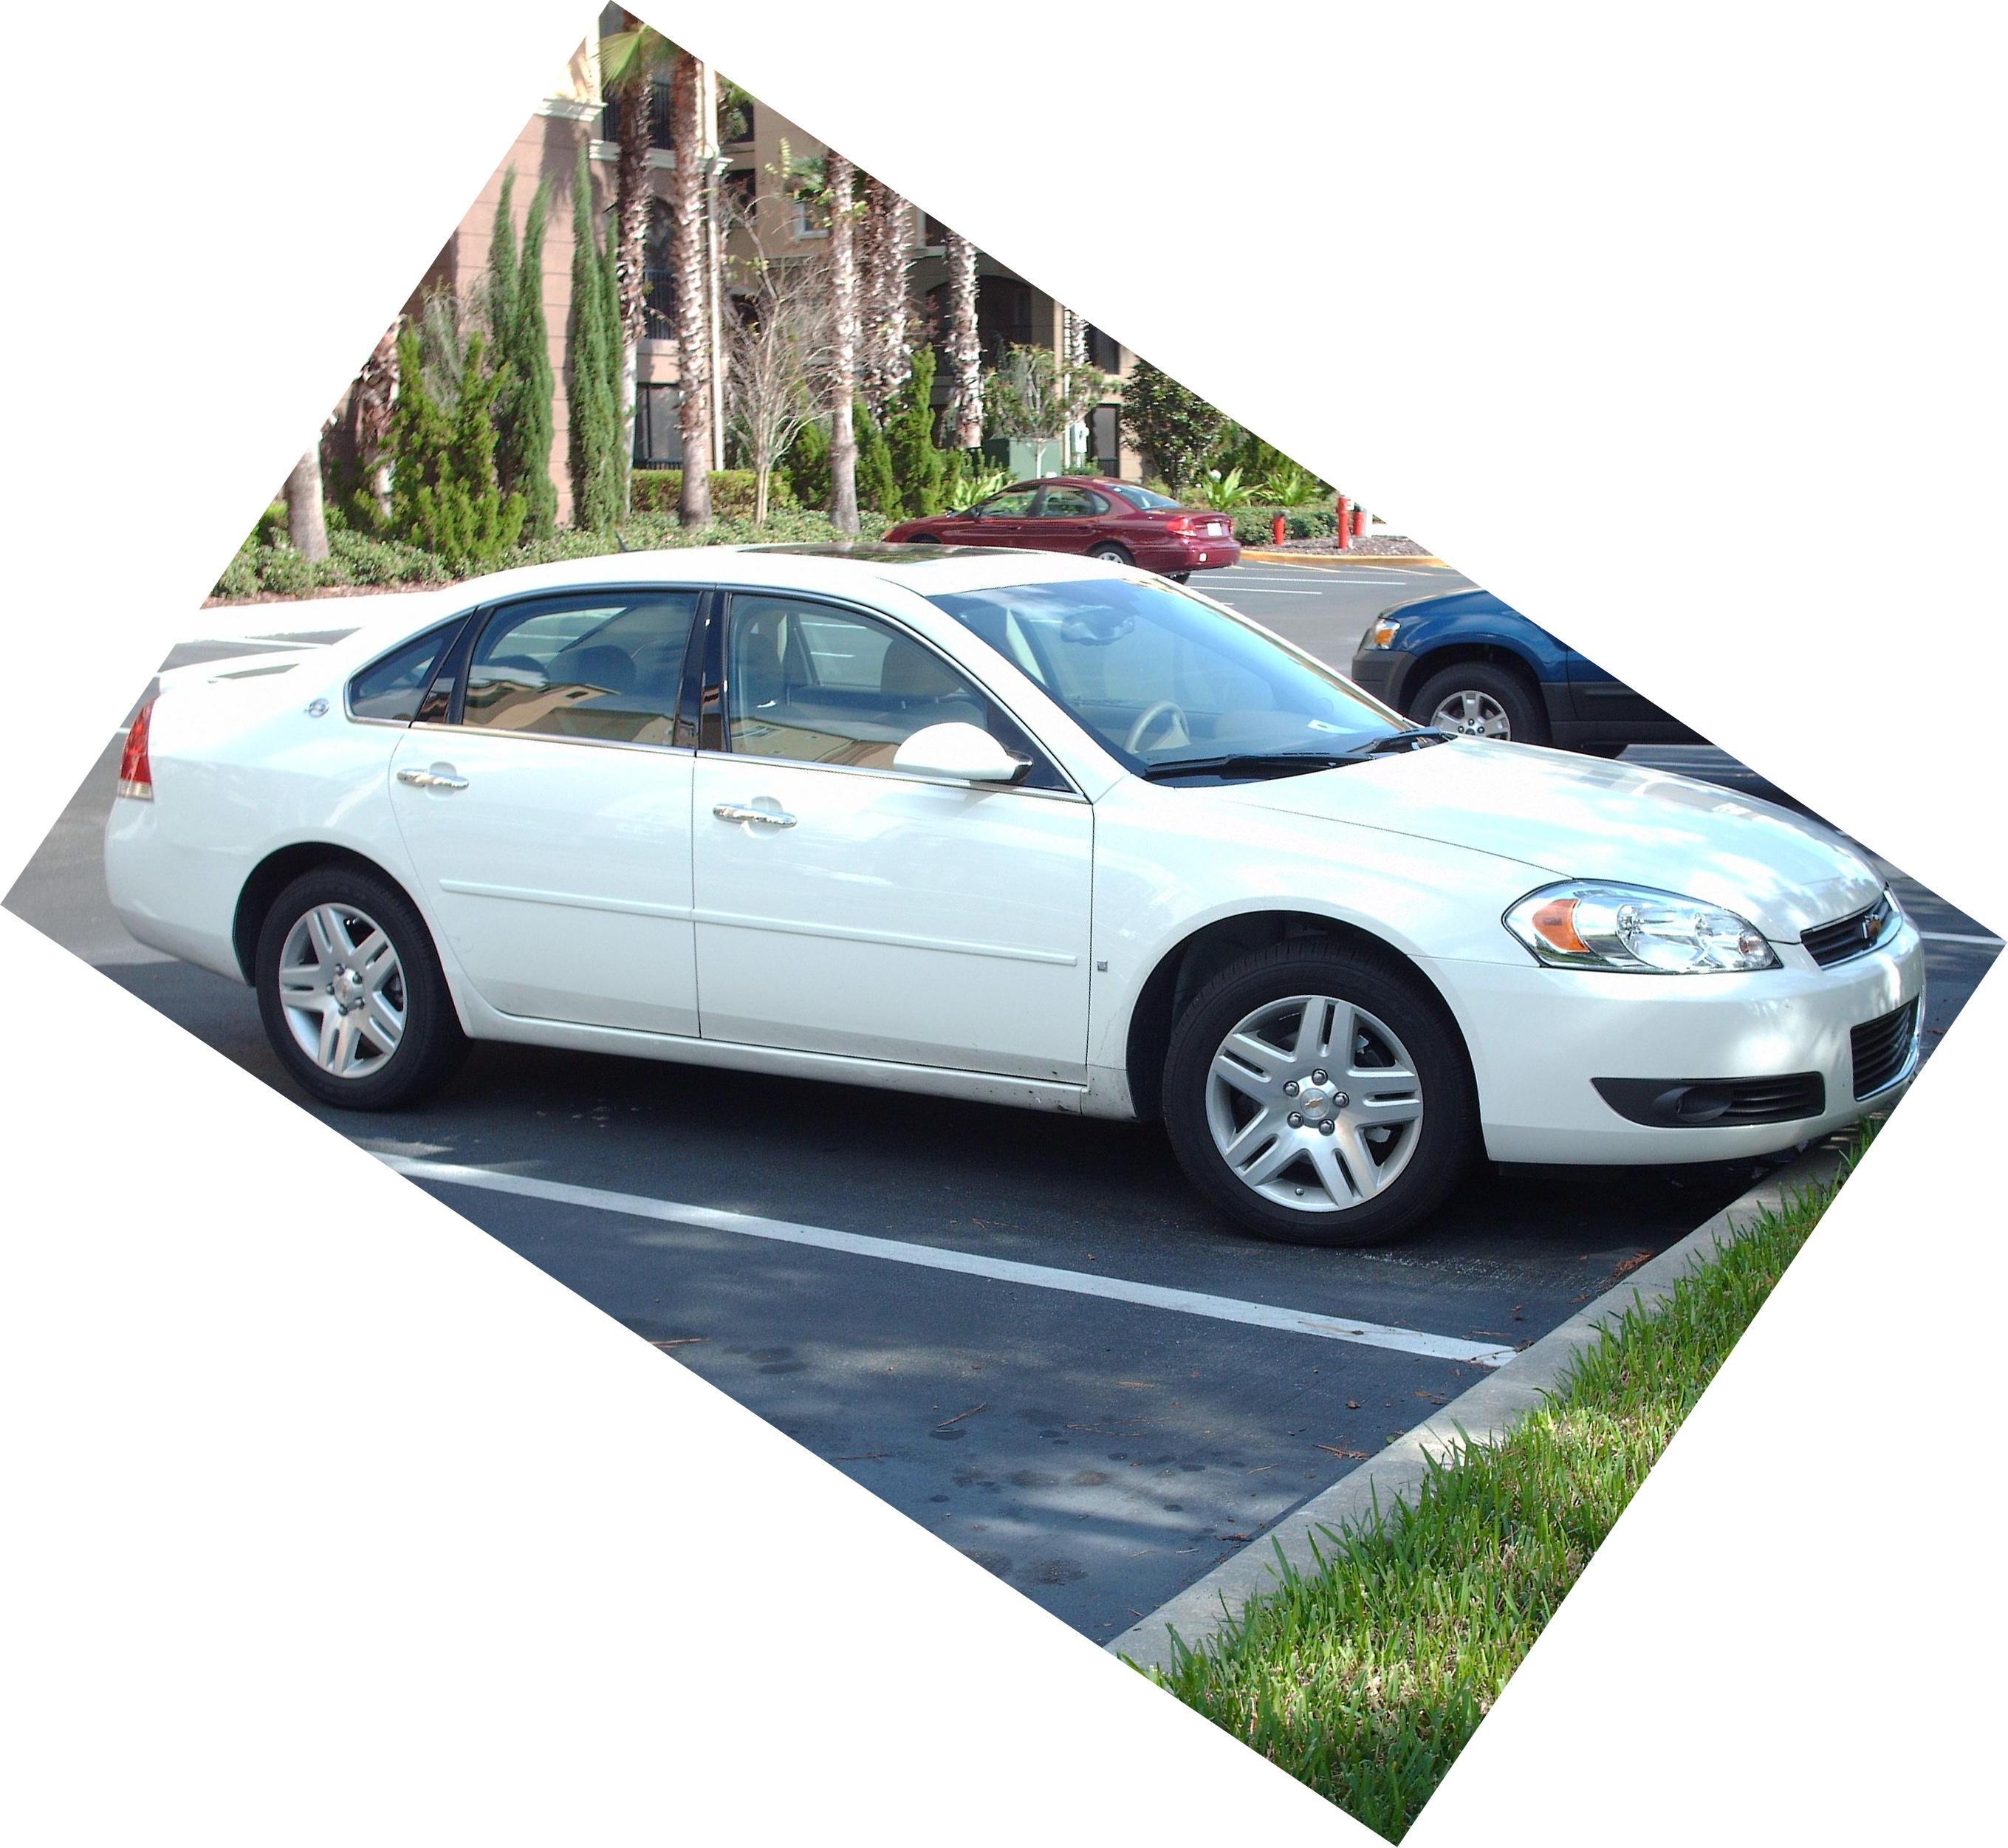 Chevy Impala Ltz Ppv For Sale Autos Post